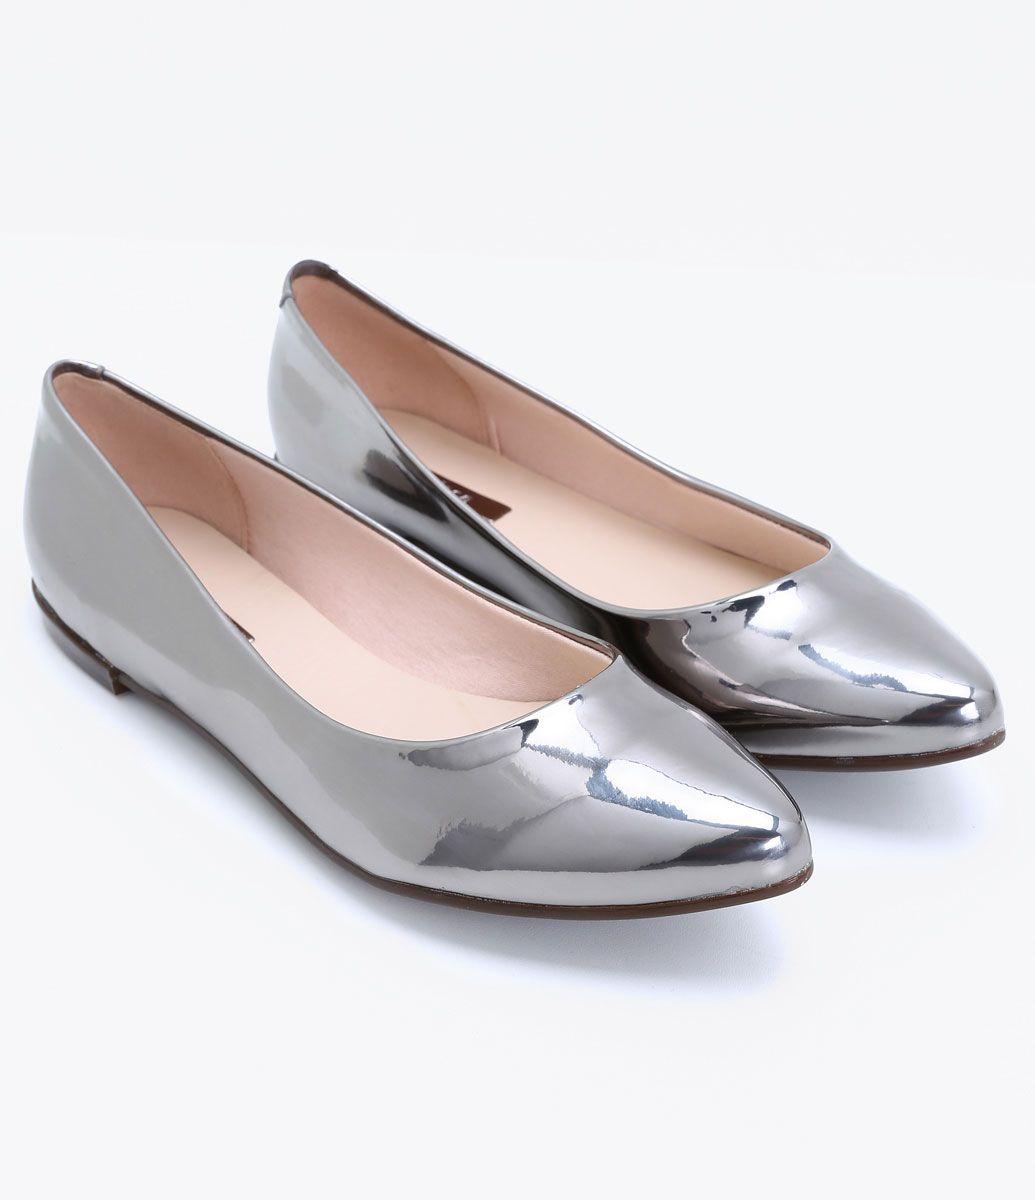 cb40917815 Sapatilha feminina Material  sintético Metalizada Marca  Moleca Bico fino  COLEÇÃO INVERNO 2017 Veja outras opções de sapatilhas femininas.